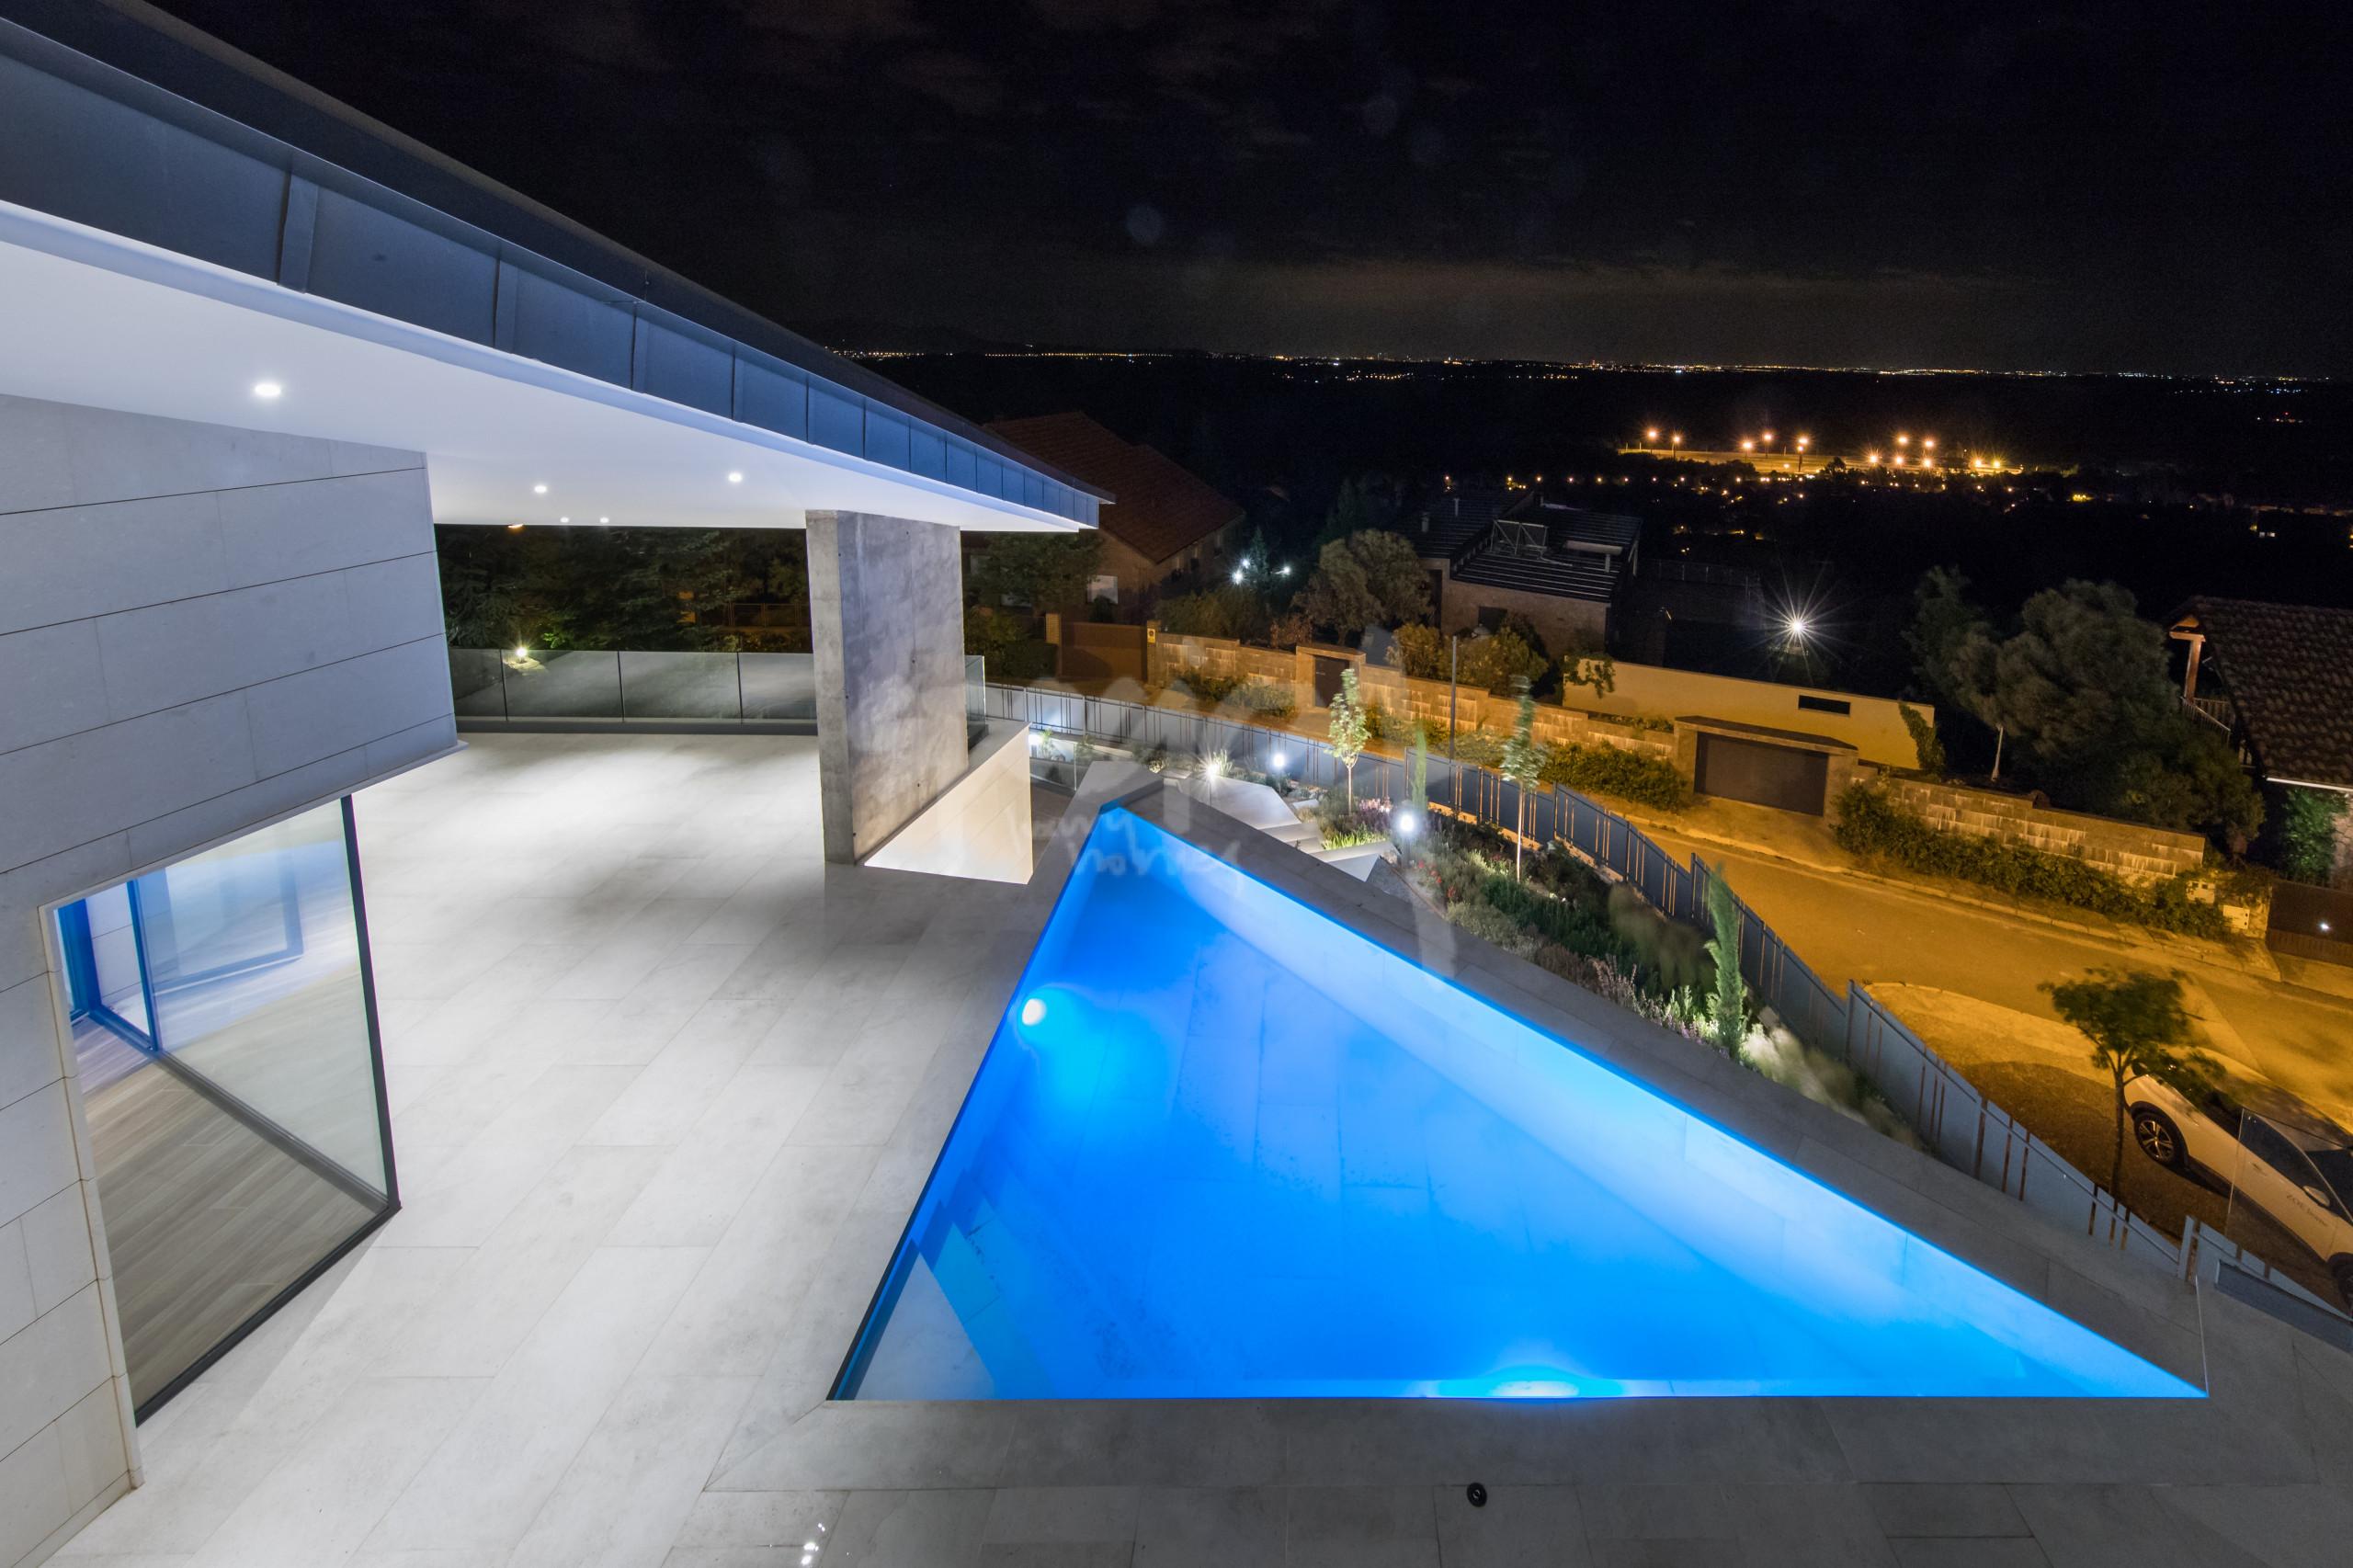 Iluminación LED para darle un toque a tu piscina.